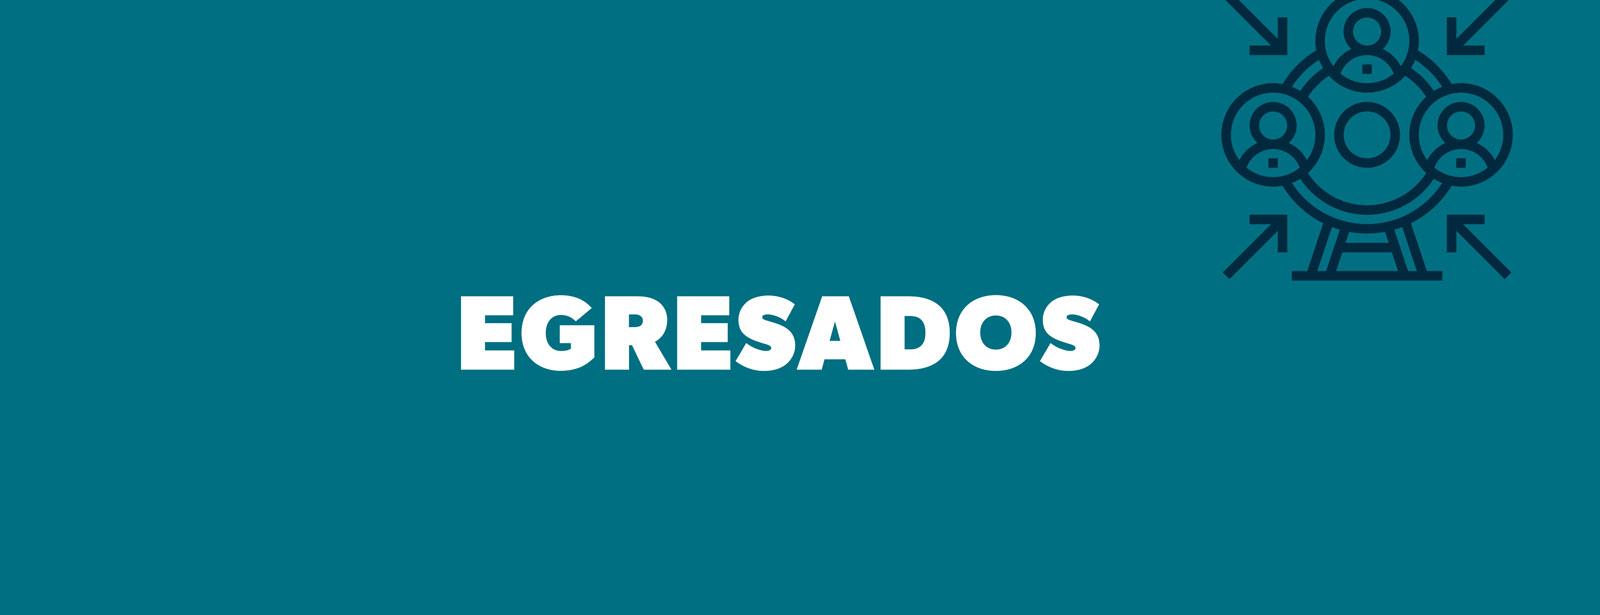 Egresados de la Universidad de los Andes